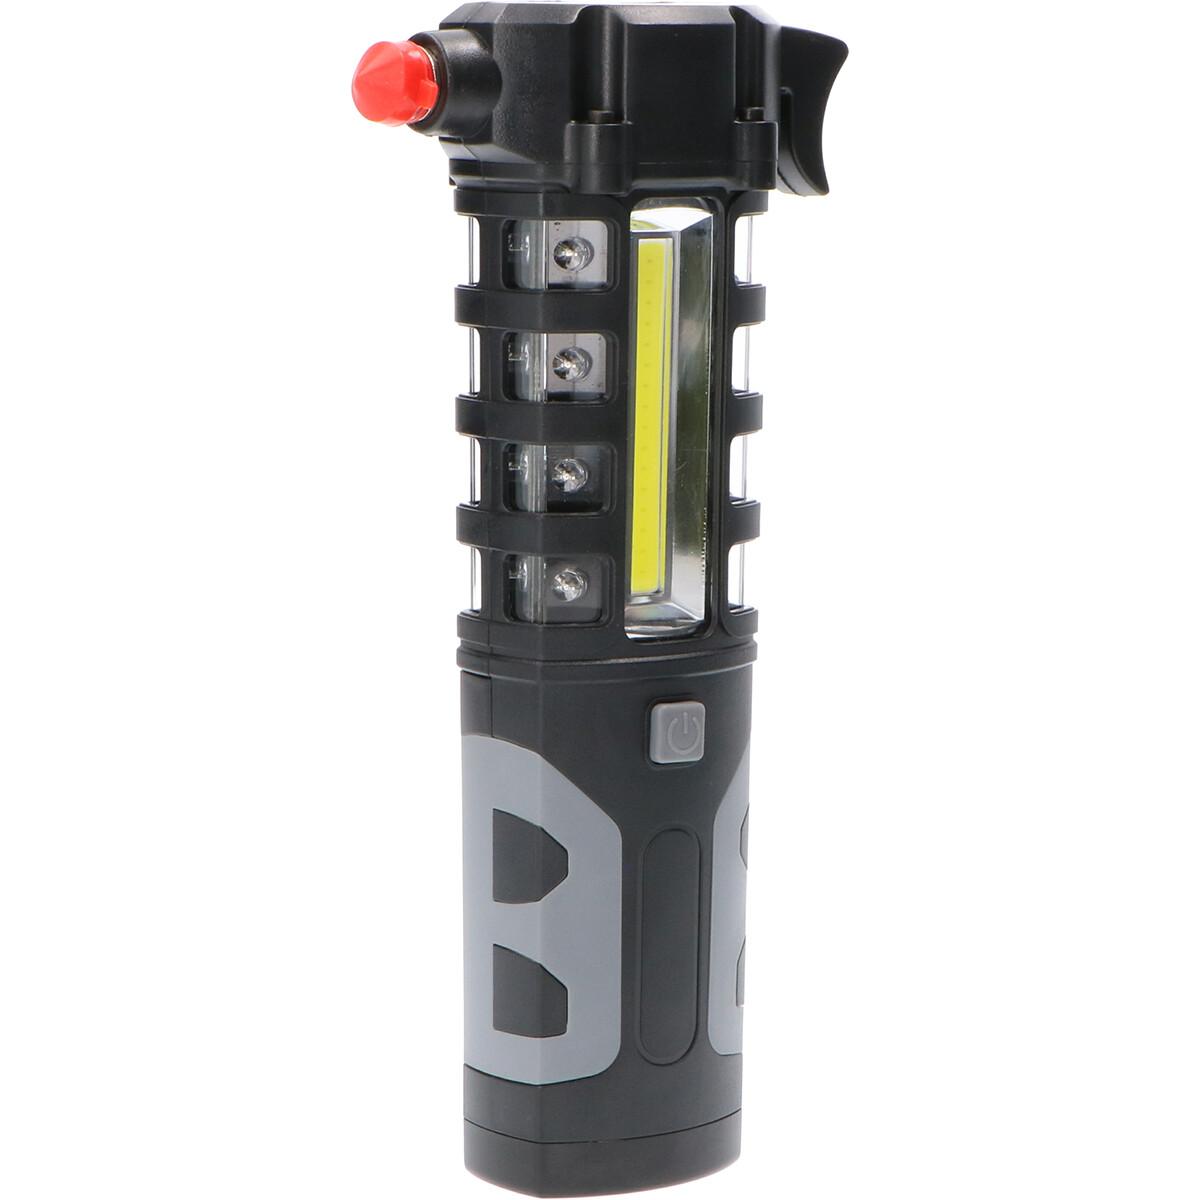 Lifehammer - Veiligheidshamer - Sanola Milti - LED Zaklamp - Gordelsnijder - Flikkervrij - Zwart